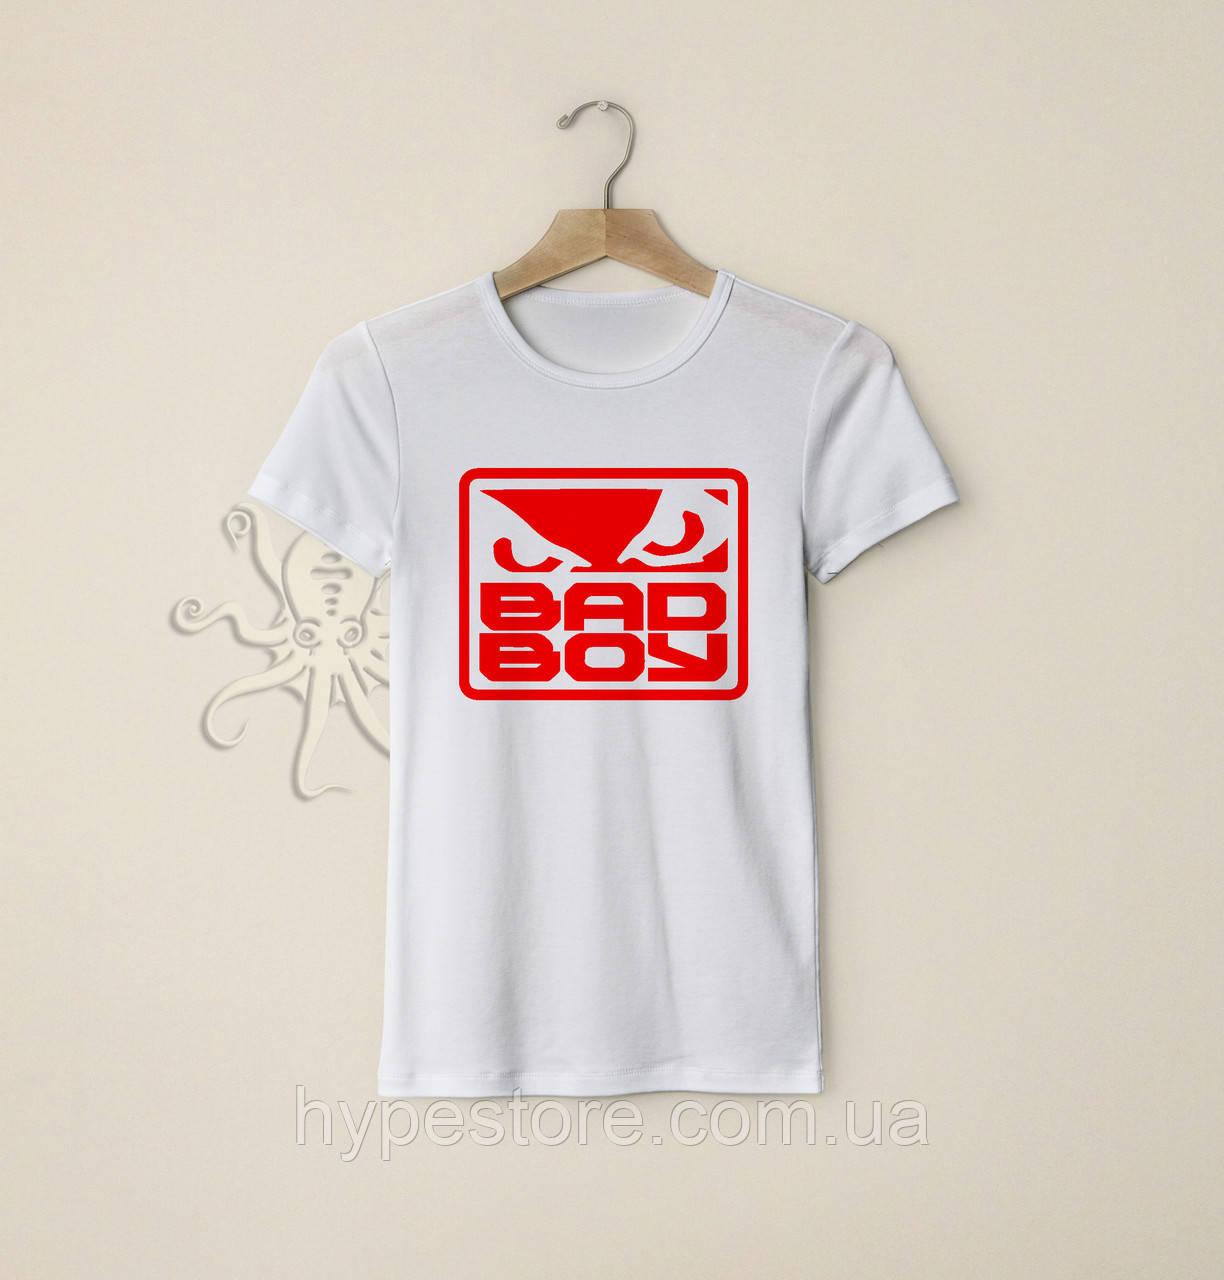 Мужская белая футболка, чоловіча футболка Bad Boy (красный лого), Реплика